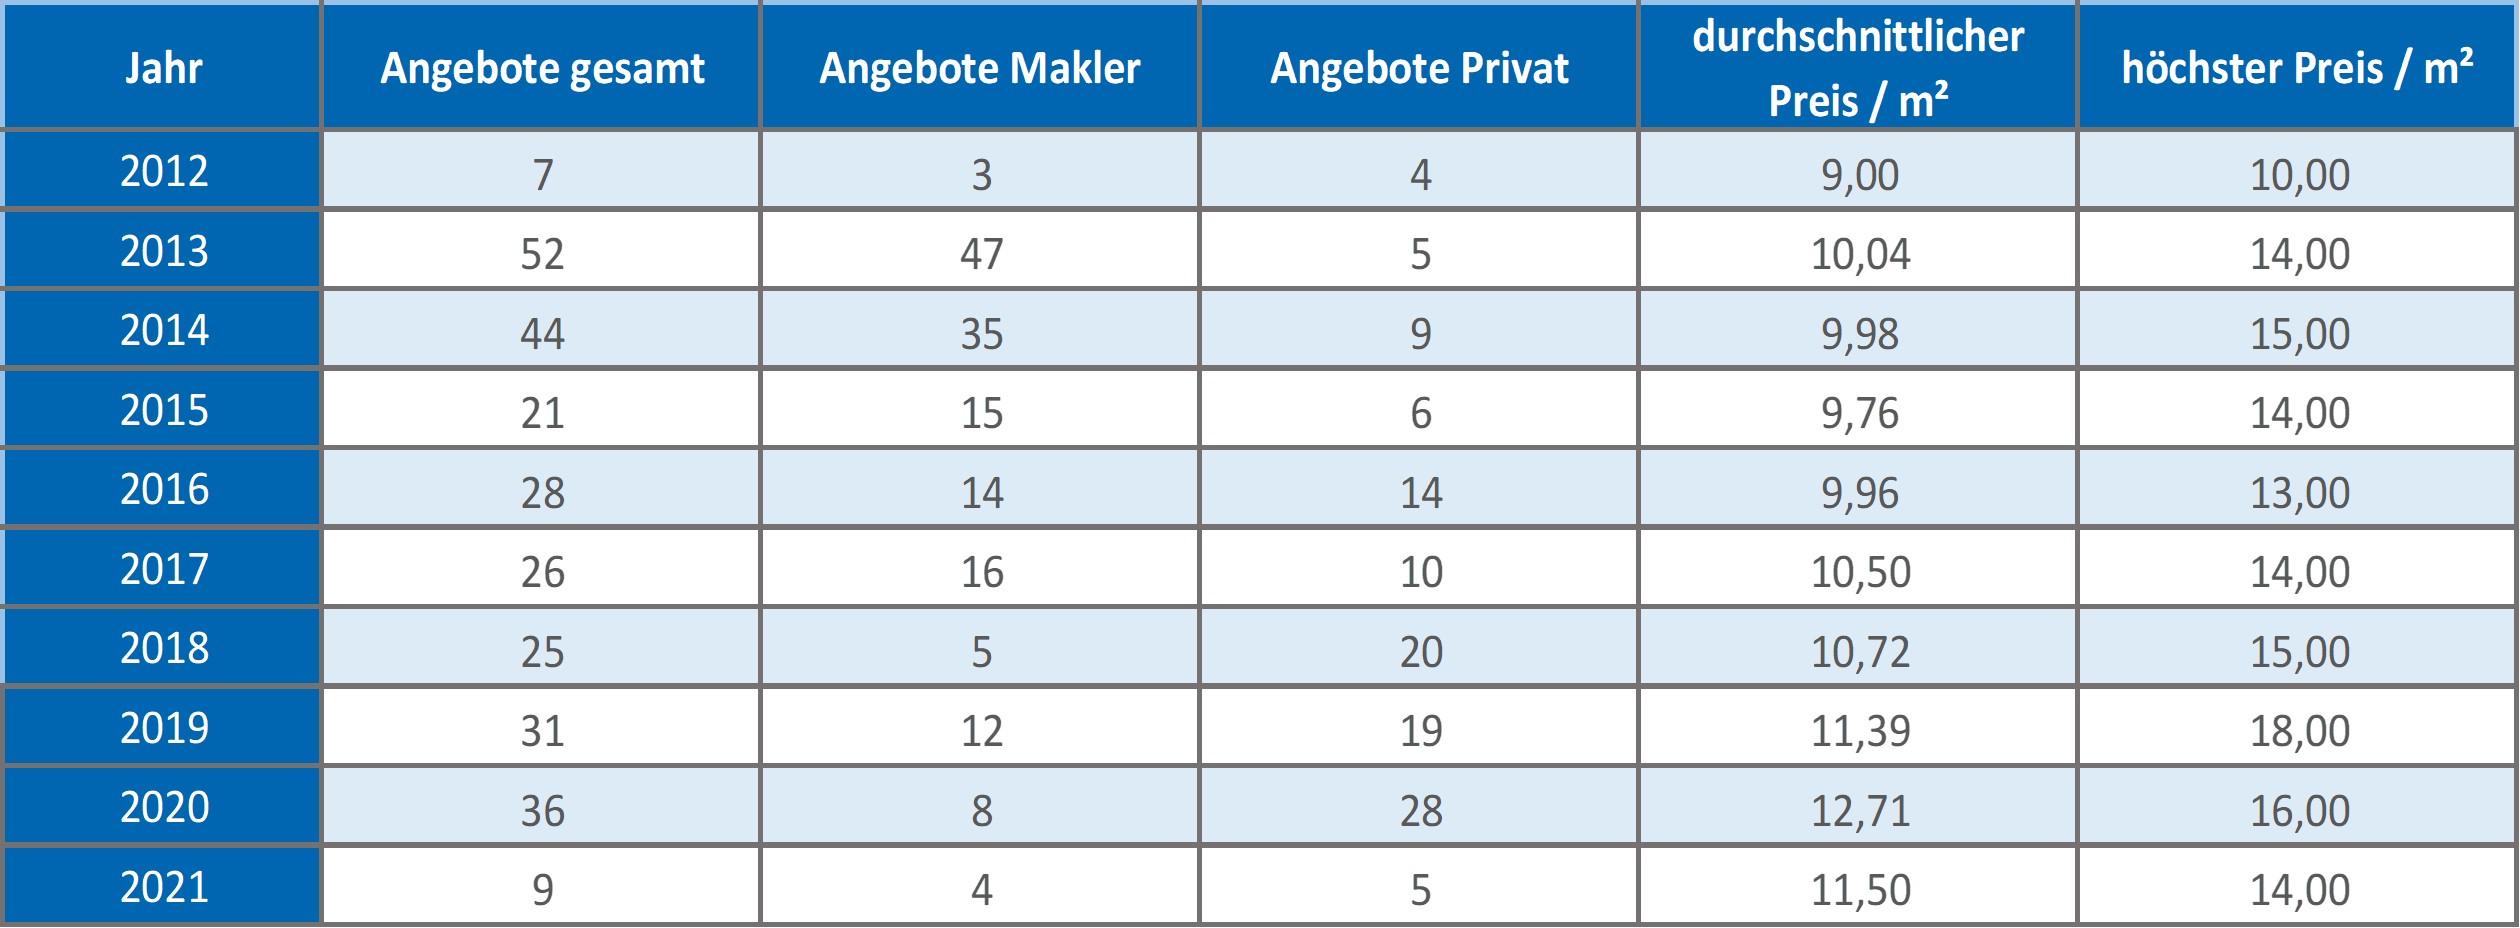 Bad Tölz Makler Wohnung mieten vermieten Preis Bewertung 2019, 2020, 2021